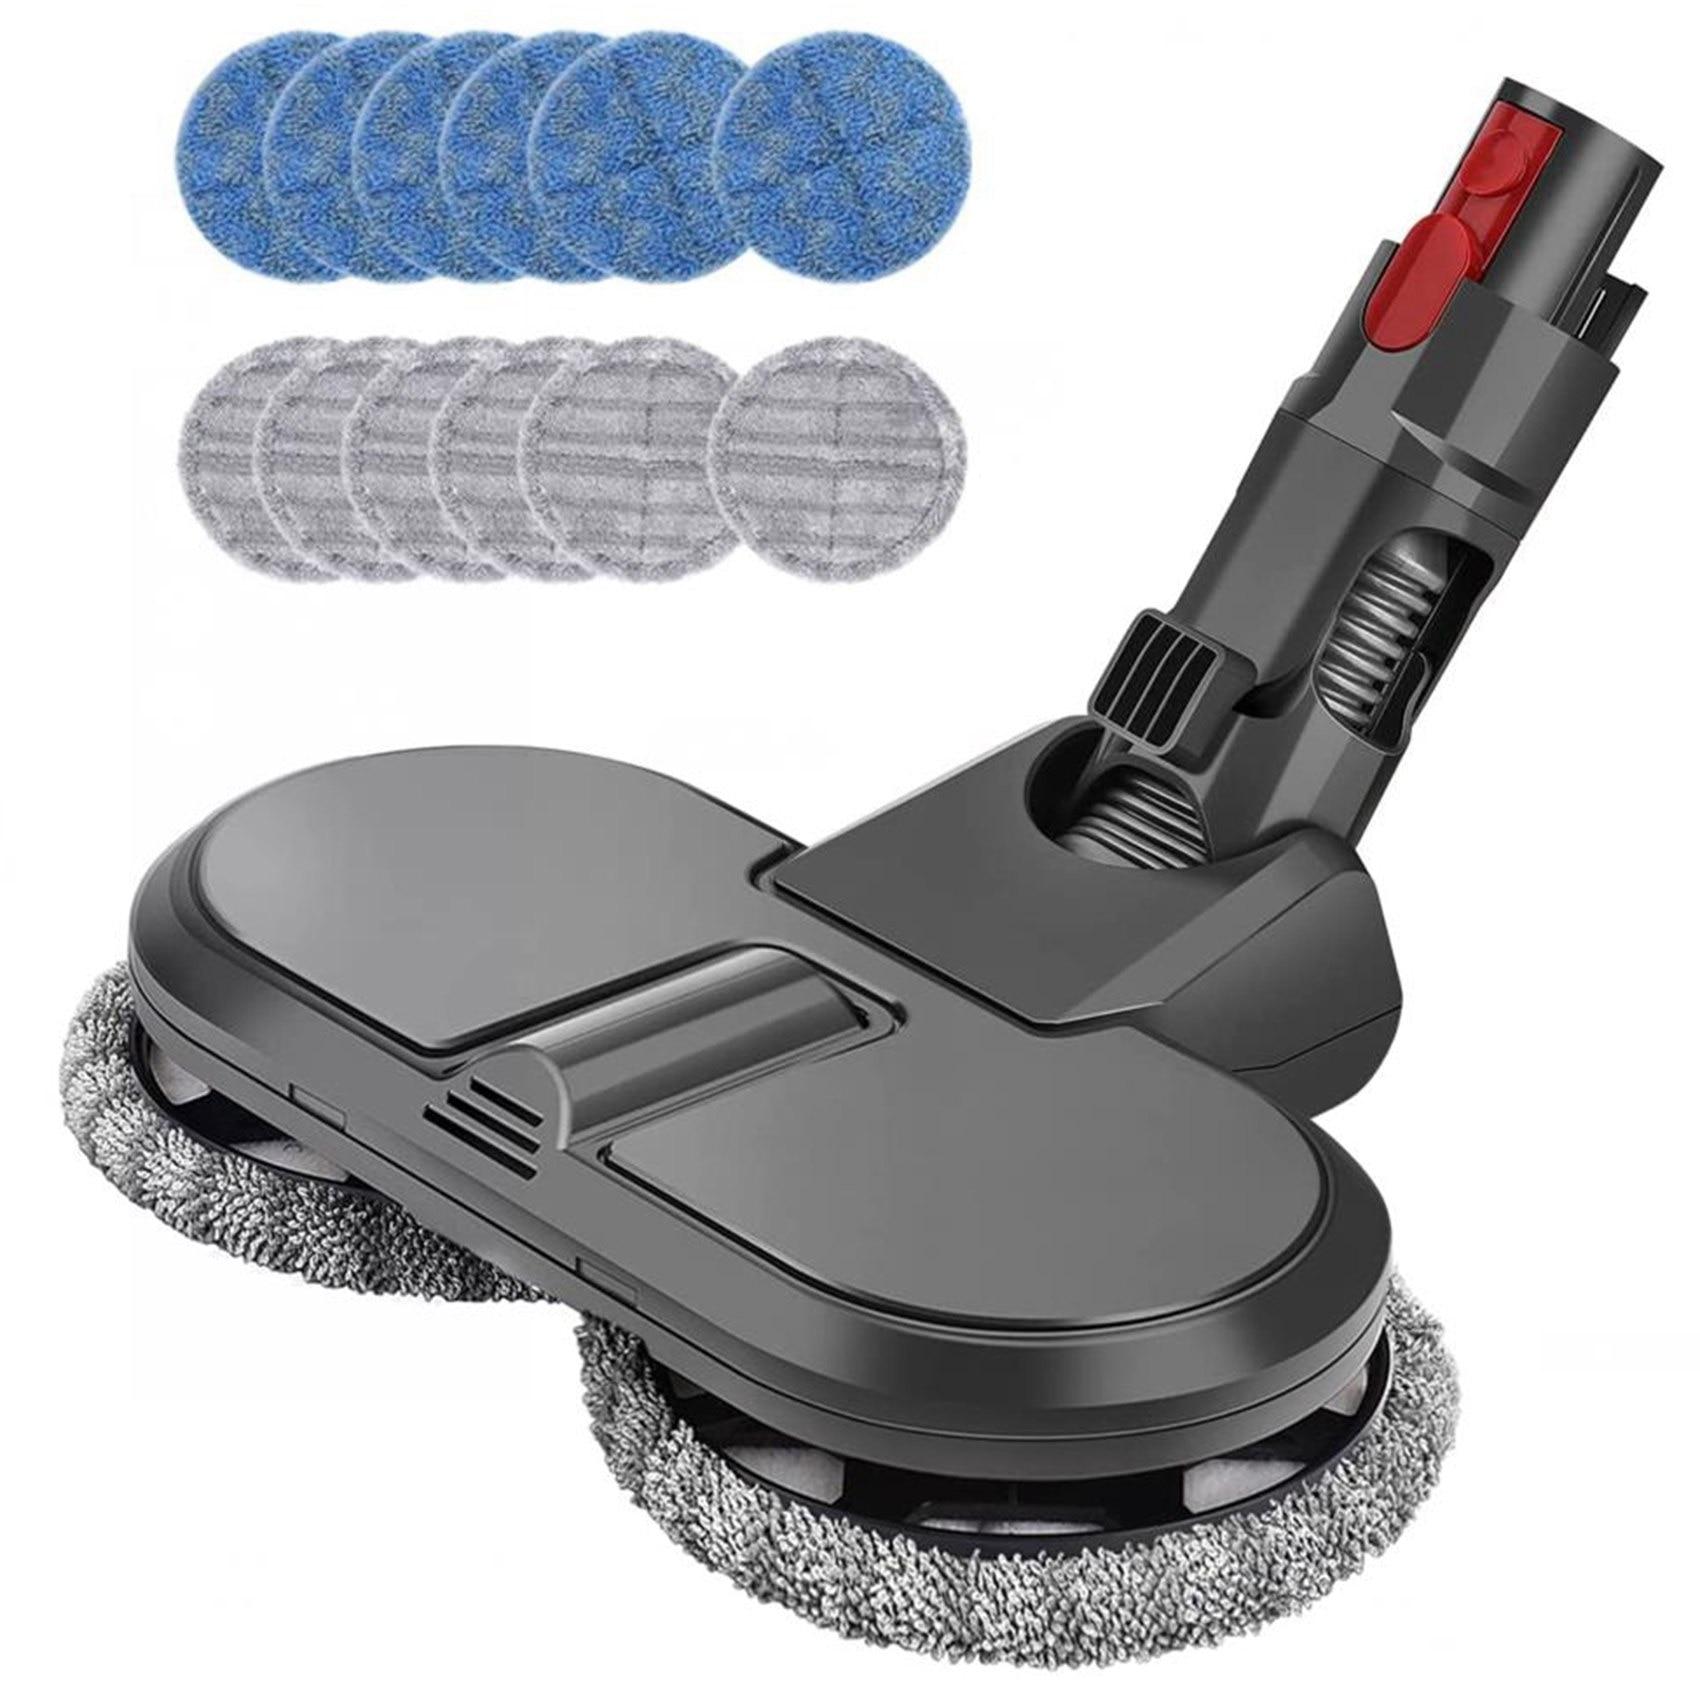 مرفق ممسحة كهربائيّة لدايسون مكنسة كهربائية V7 V8 V10 V11 V15 ، بدون حاوية المياه